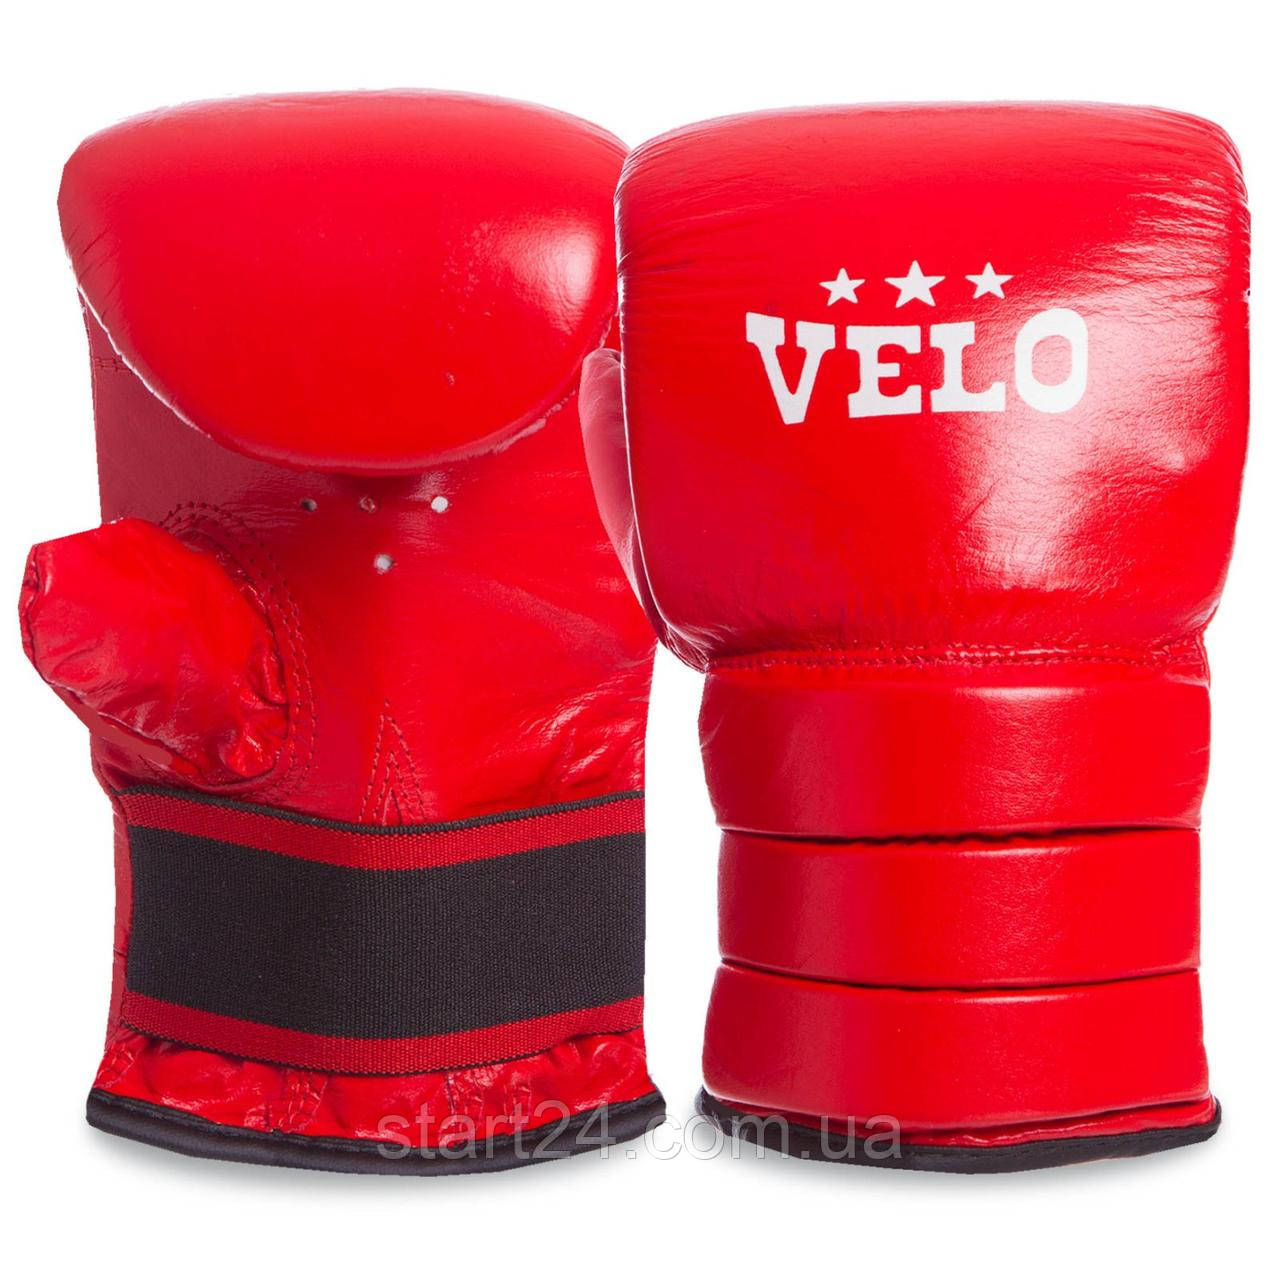 Снарядні рукавички Шкіра VELO ULI-4003 (р-р S-XL, кольори в асортименті)